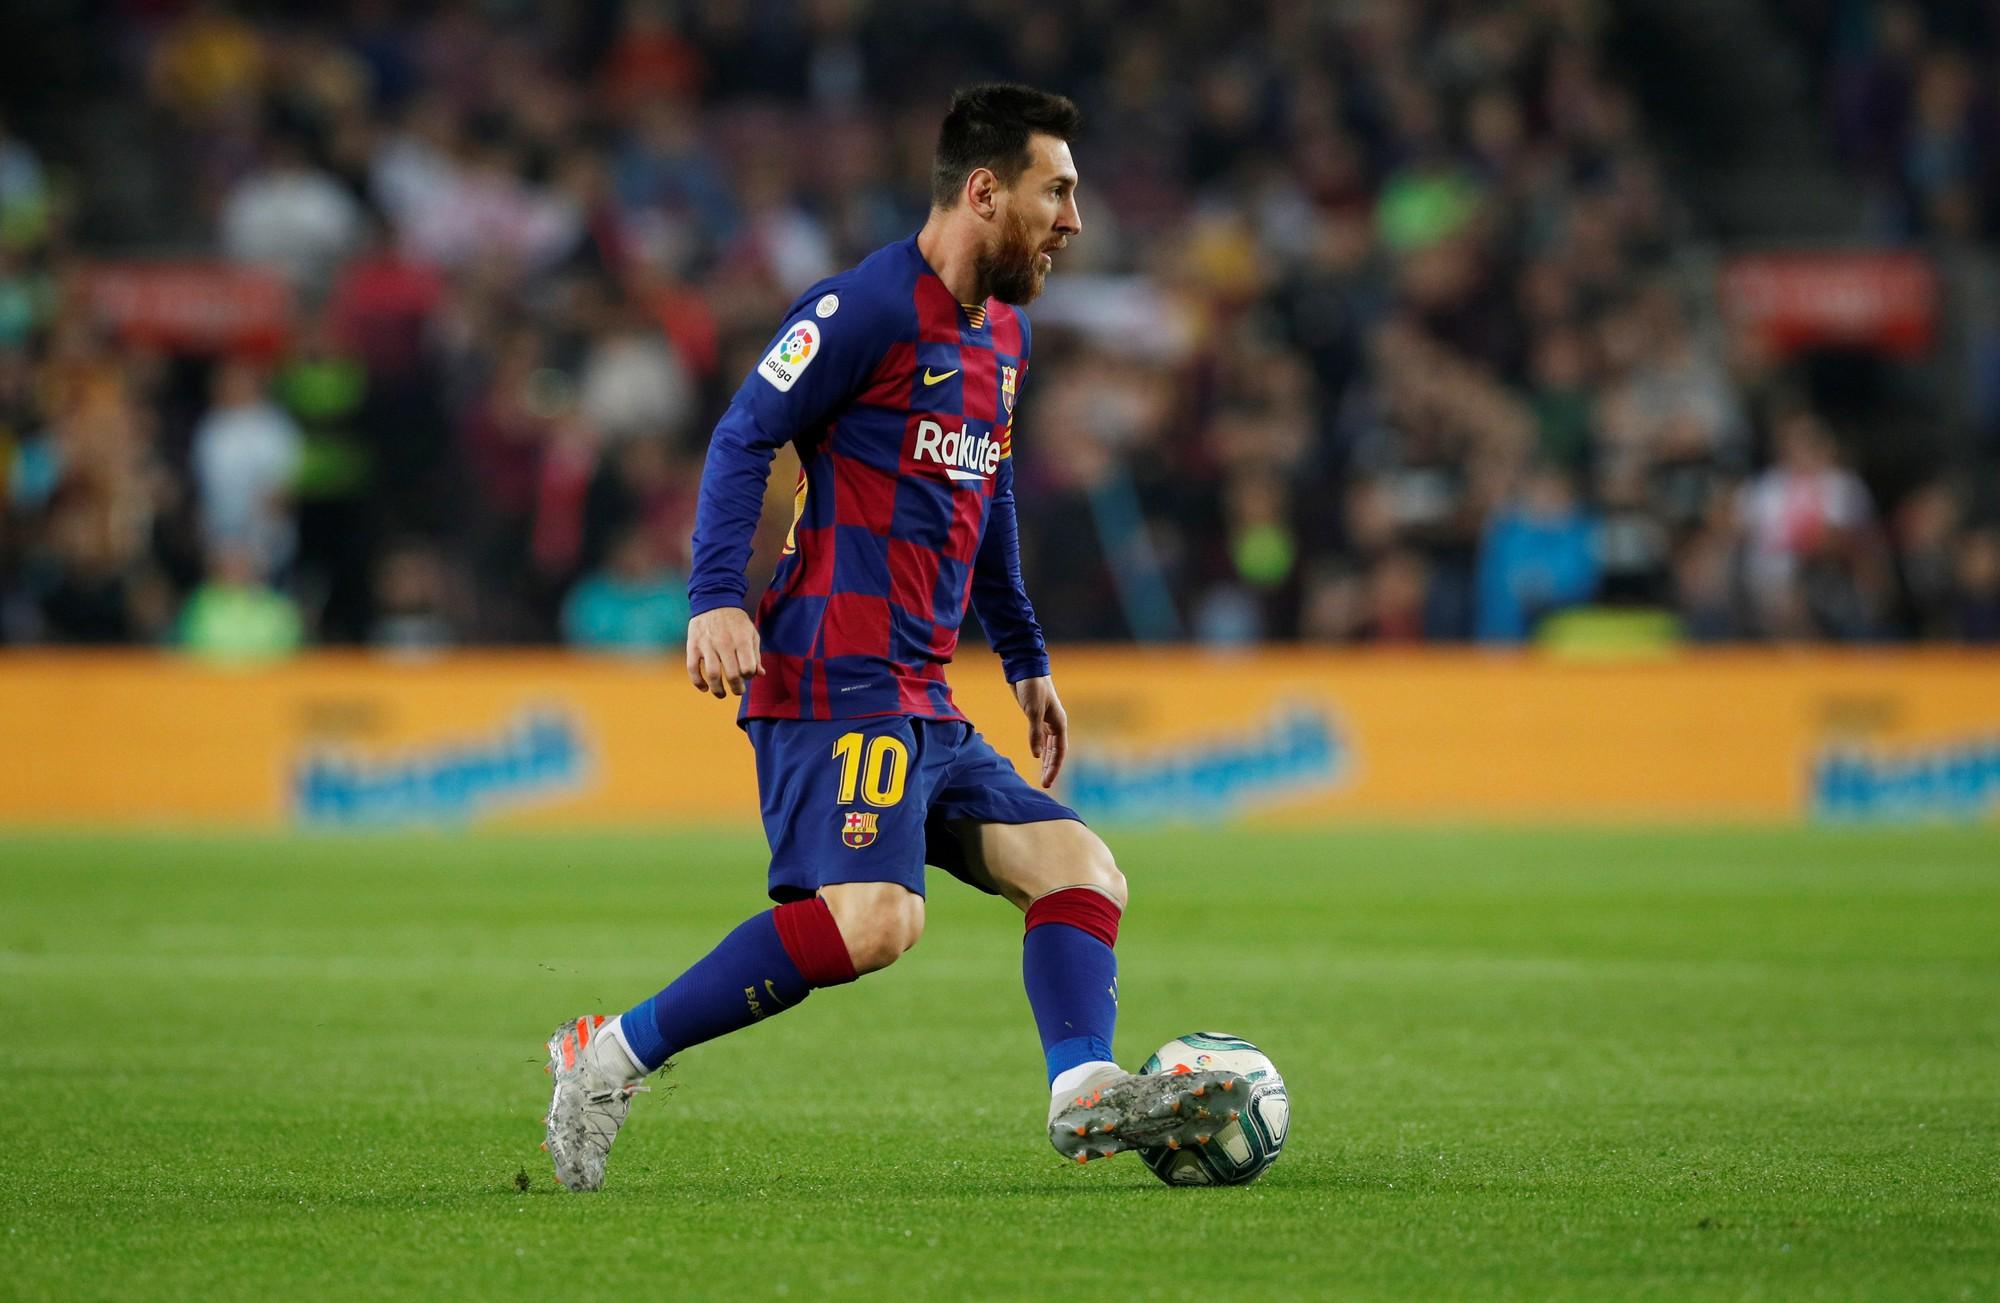 Ghi 608 bàn, Messi vượt mặt Ronaldo - Báo Người lao động